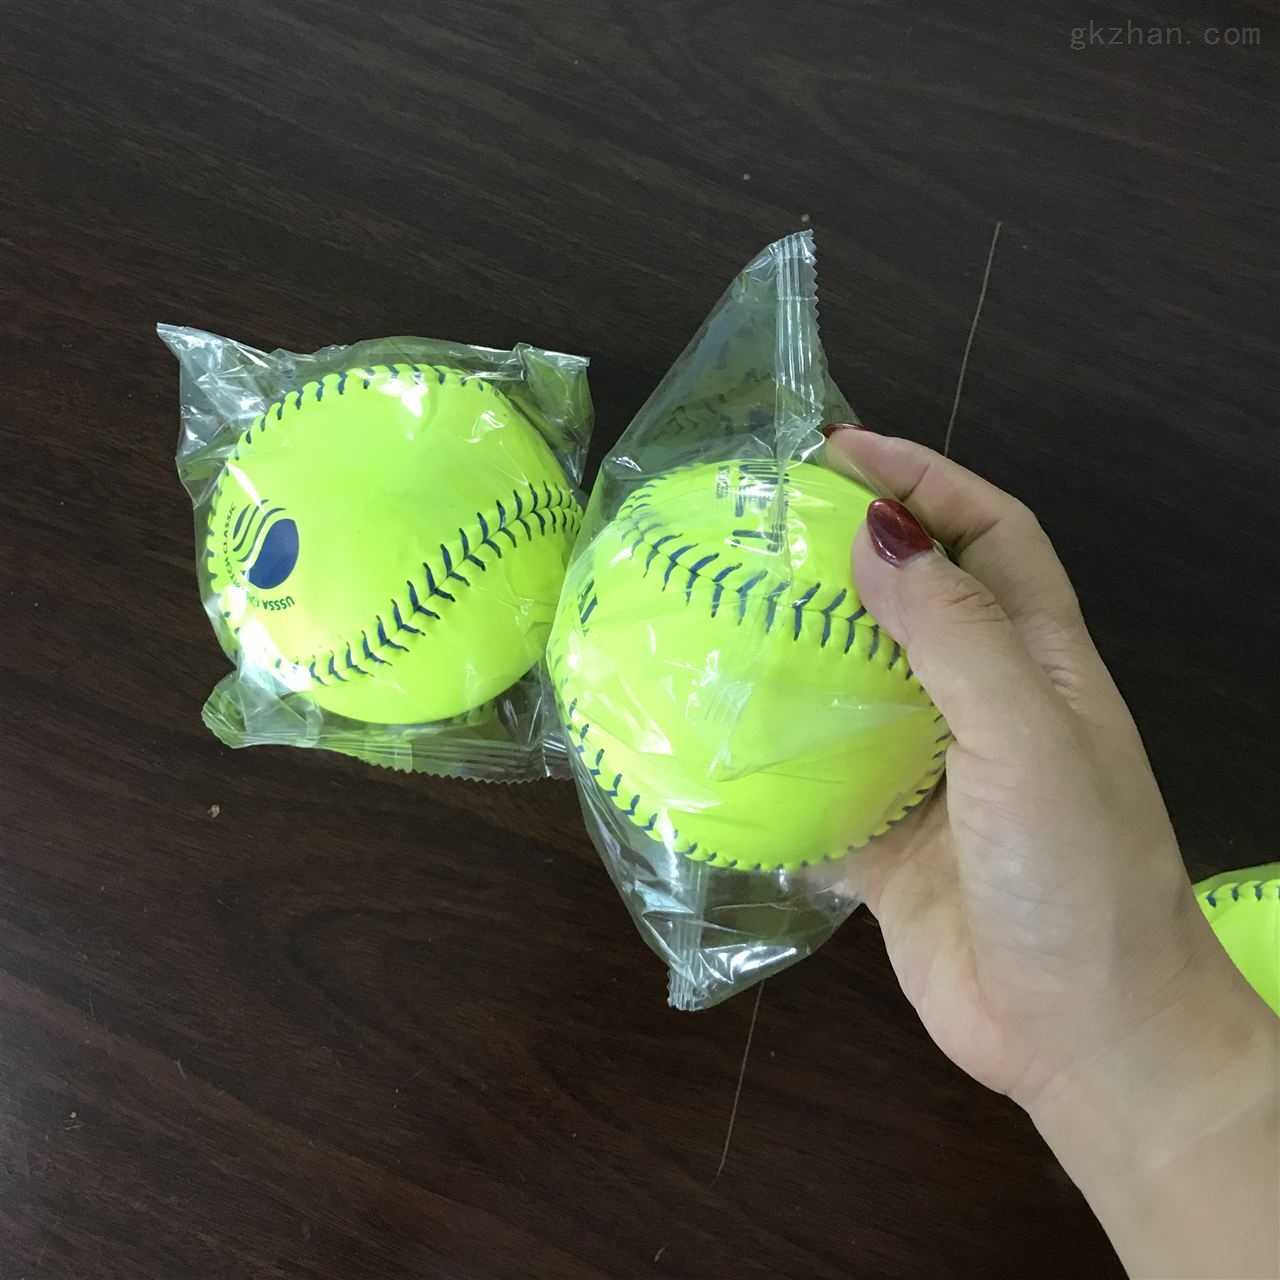 塑料玩具车球自动包装机